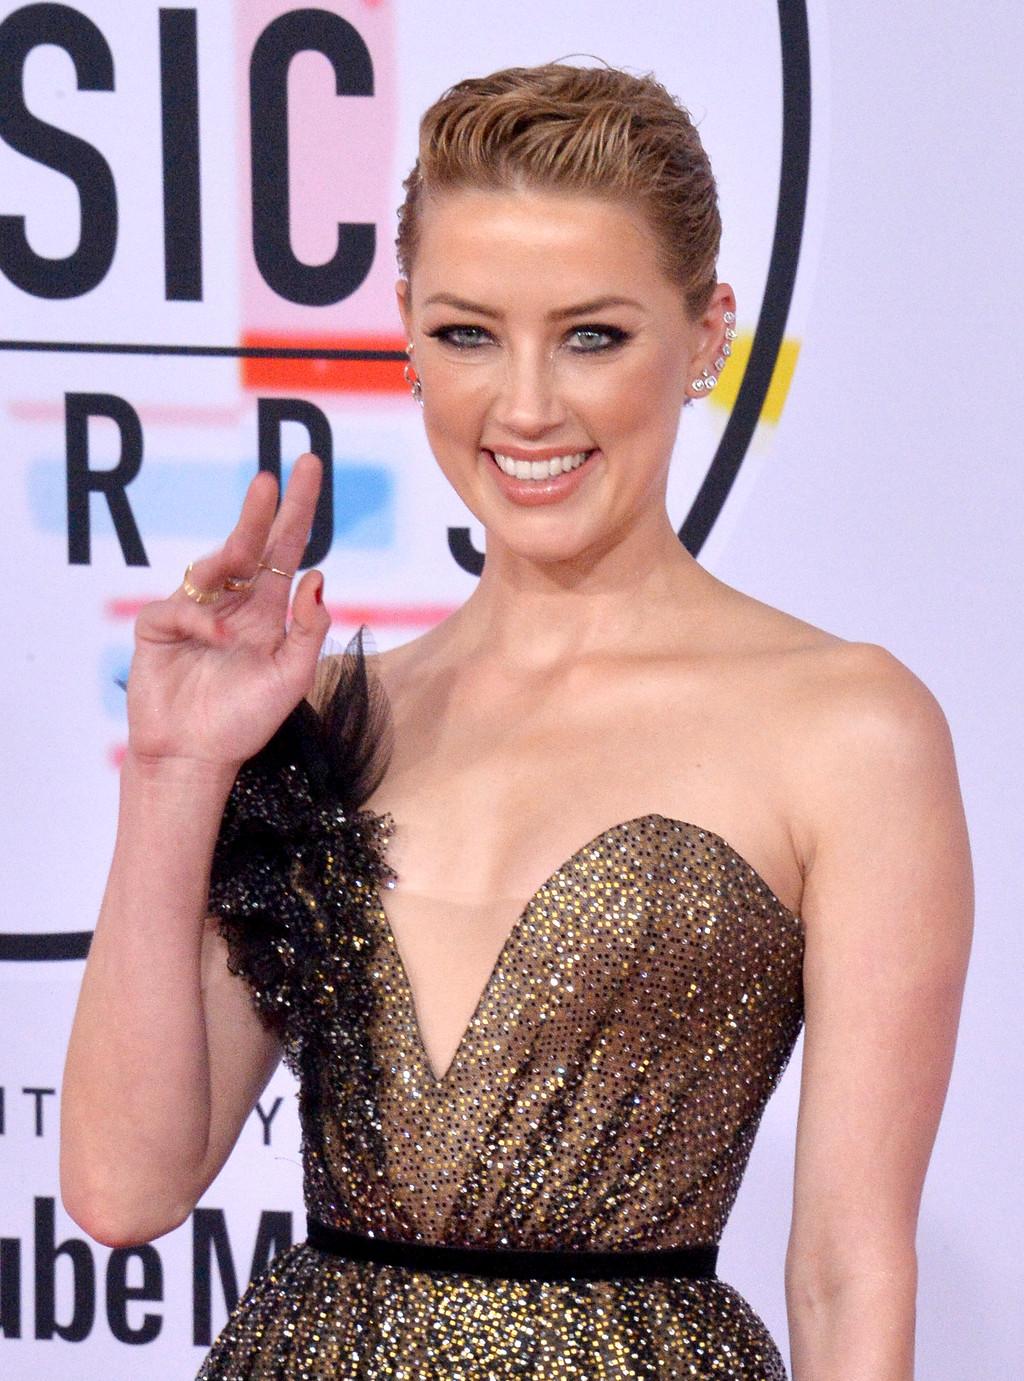 Amber Heard nos deja uno de los grandísimos looks de los AMAs: efecto wet en un recogido recogido ideal